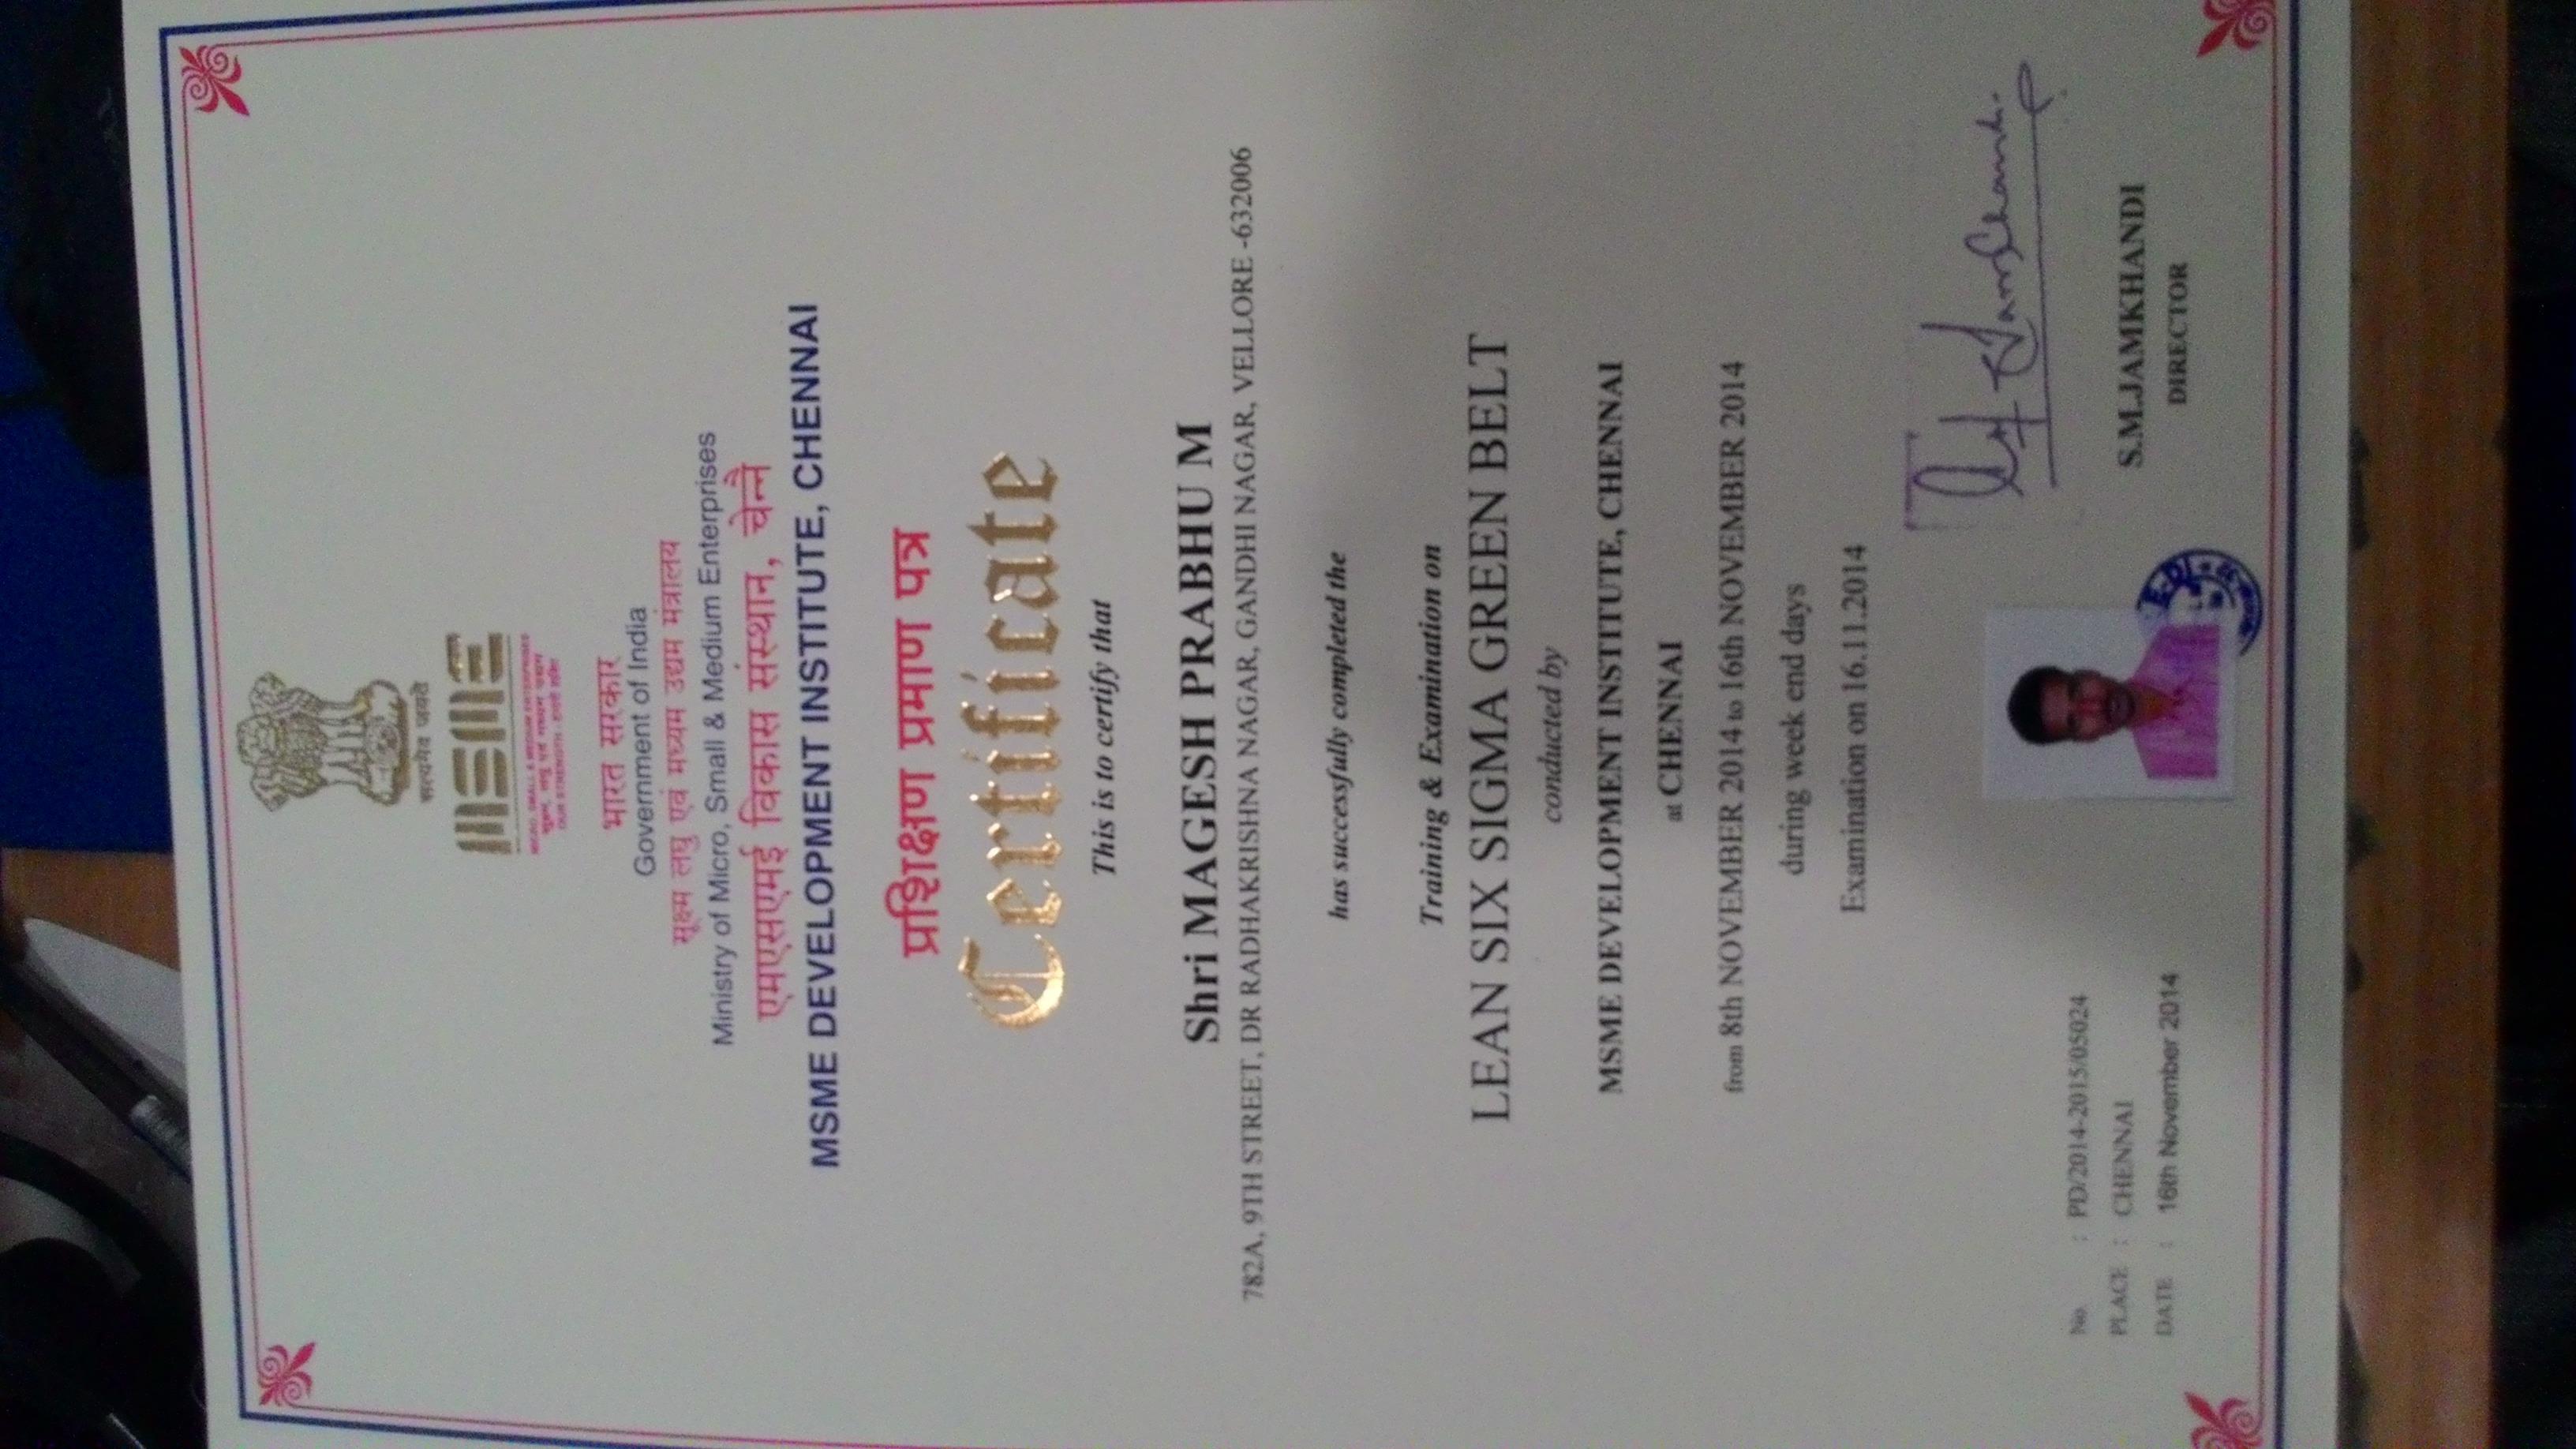 Mageshprabhu mannangatti bayt lean six sigma green belt certificate 1betcityfo Image collections